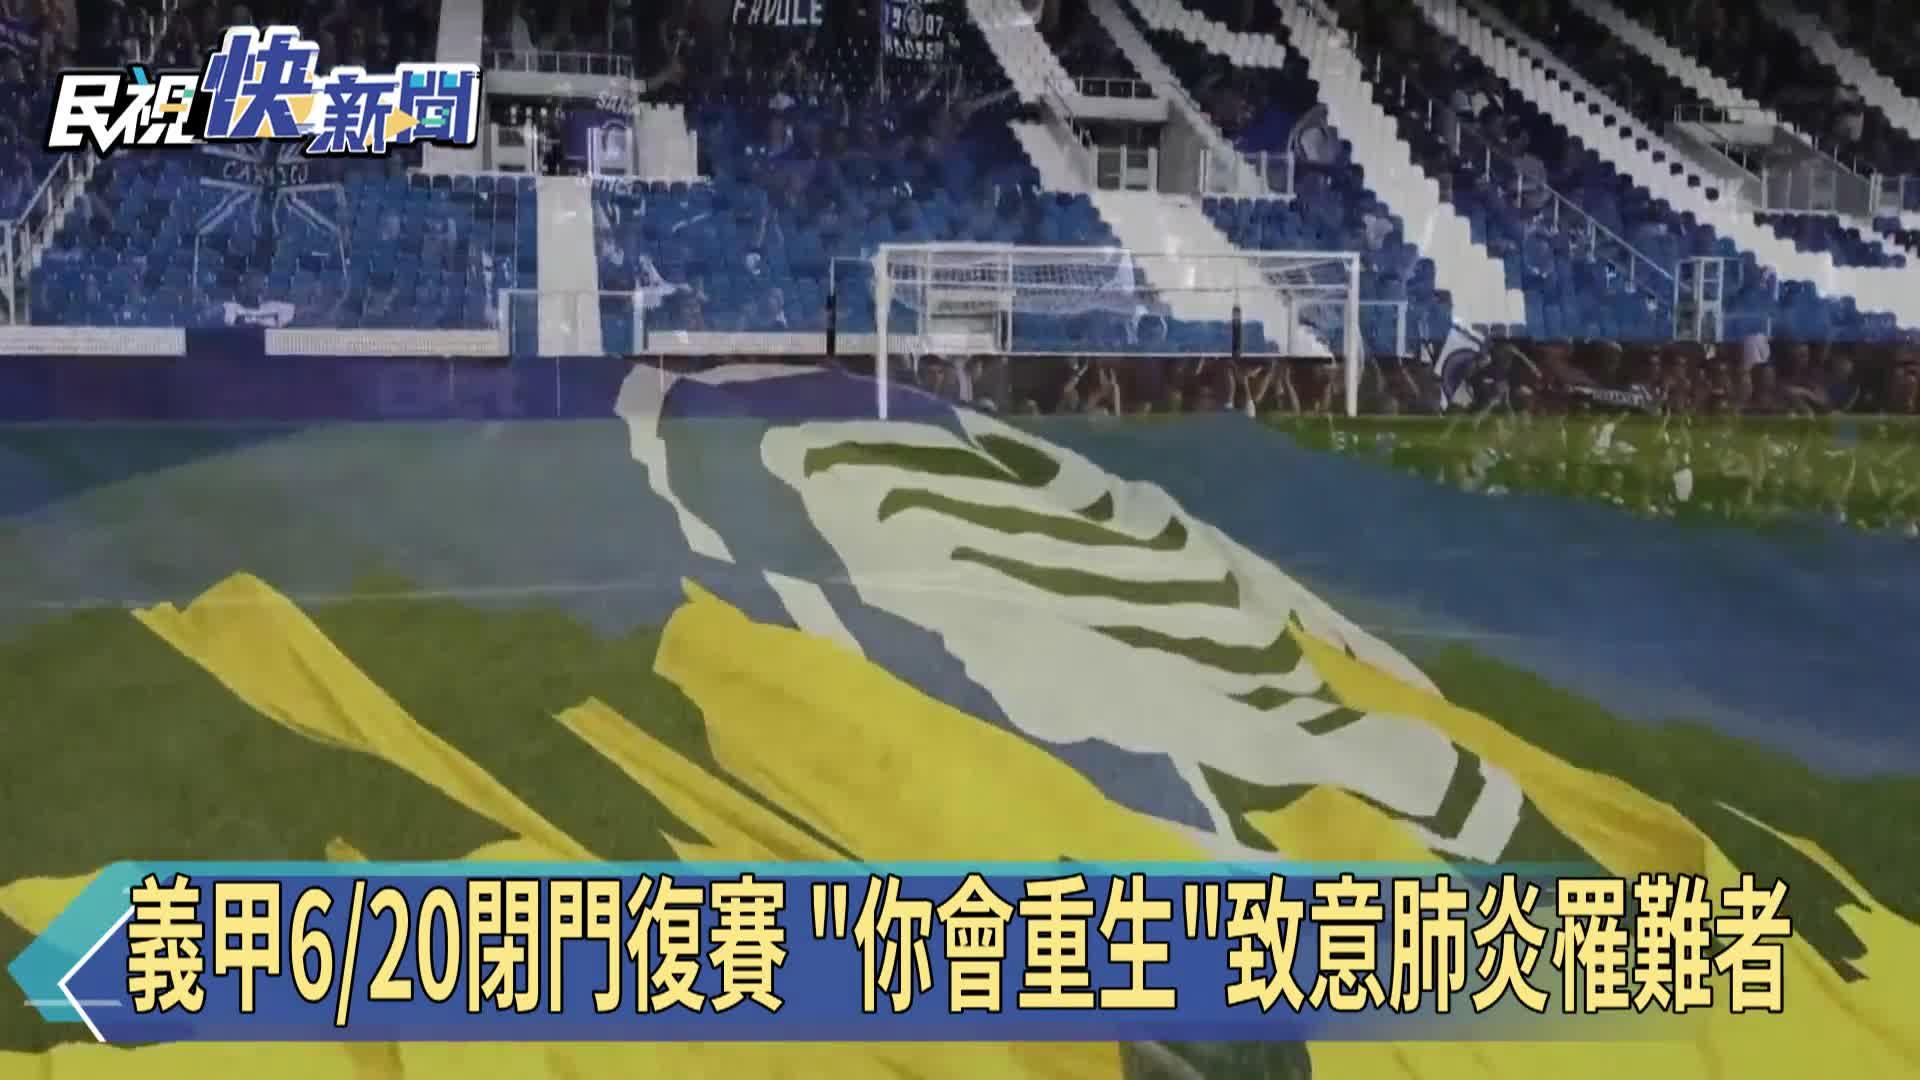 義甲6/20閉門復賽 「你會重生」影片向武漢肺炎罹難者致意